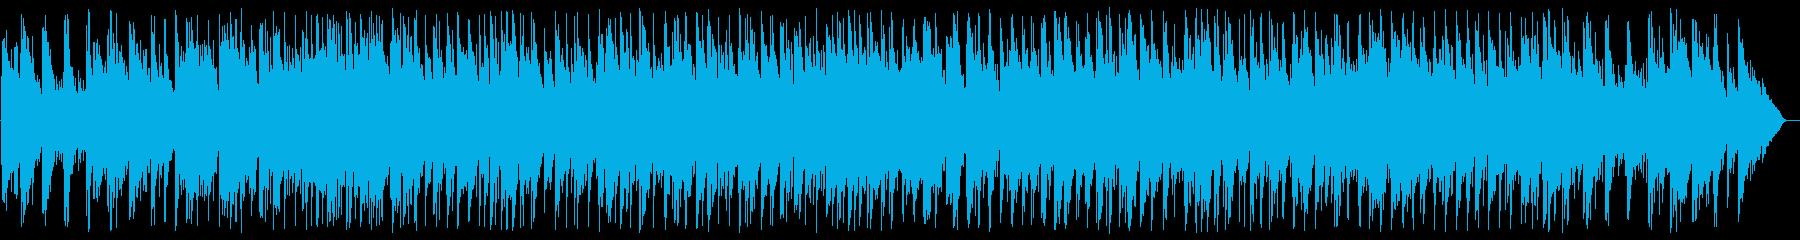 メローでメロディアスなアコギサウンドの再生済みの波形